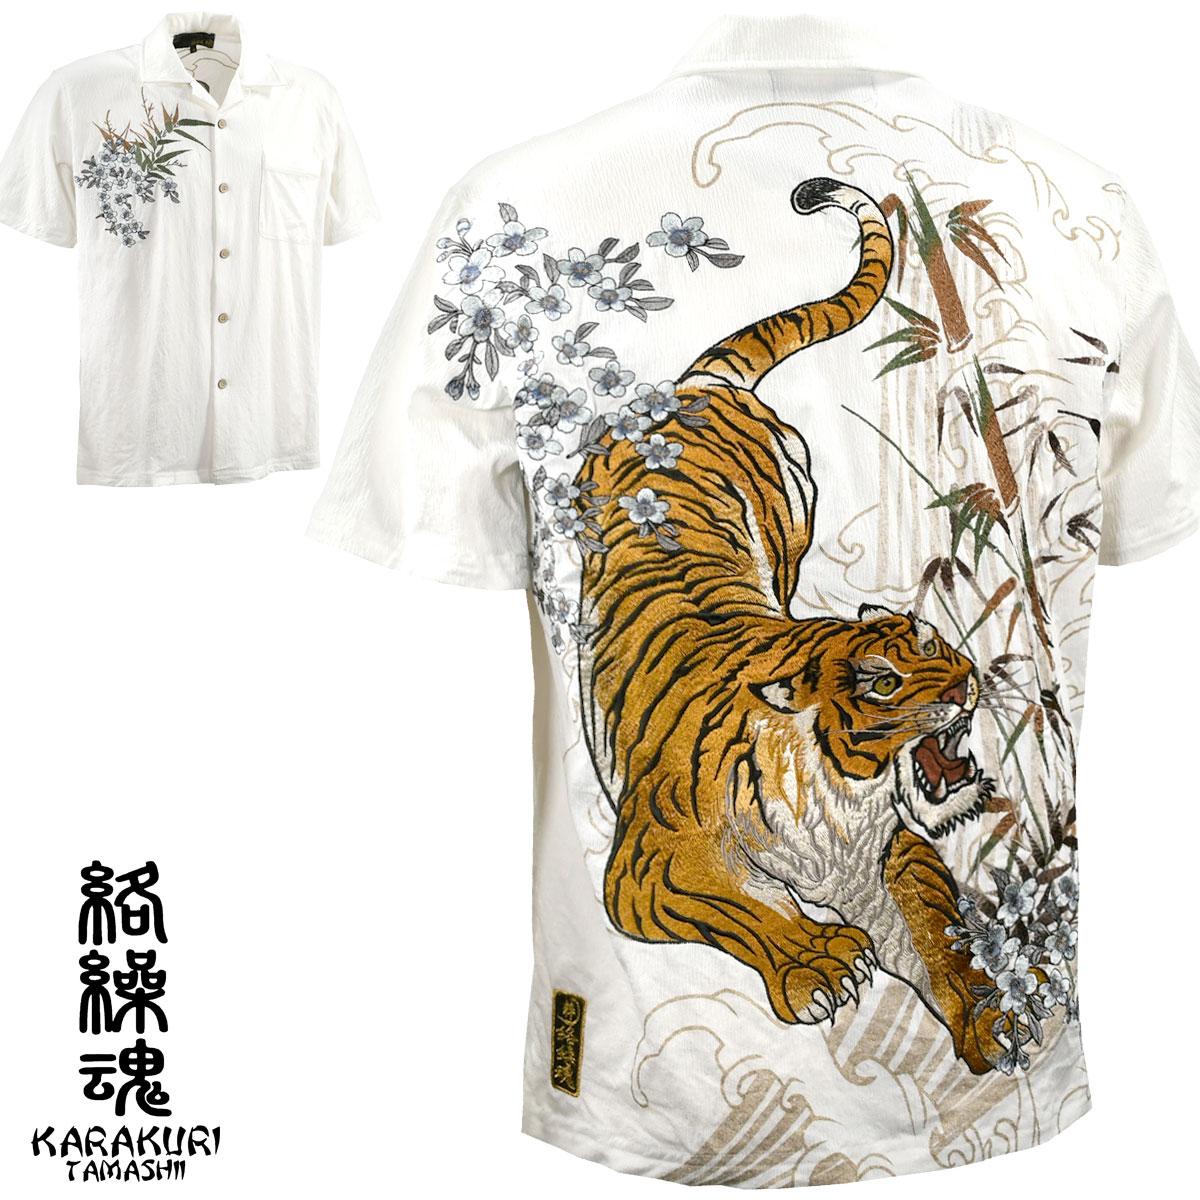 からくり魂 絡繰魂 粋 アロハシャツ 和柄 虎 メンズ 竹 ジャガード 刺繍 半袖 開襟シャツ mens(ホワイト白) 292040